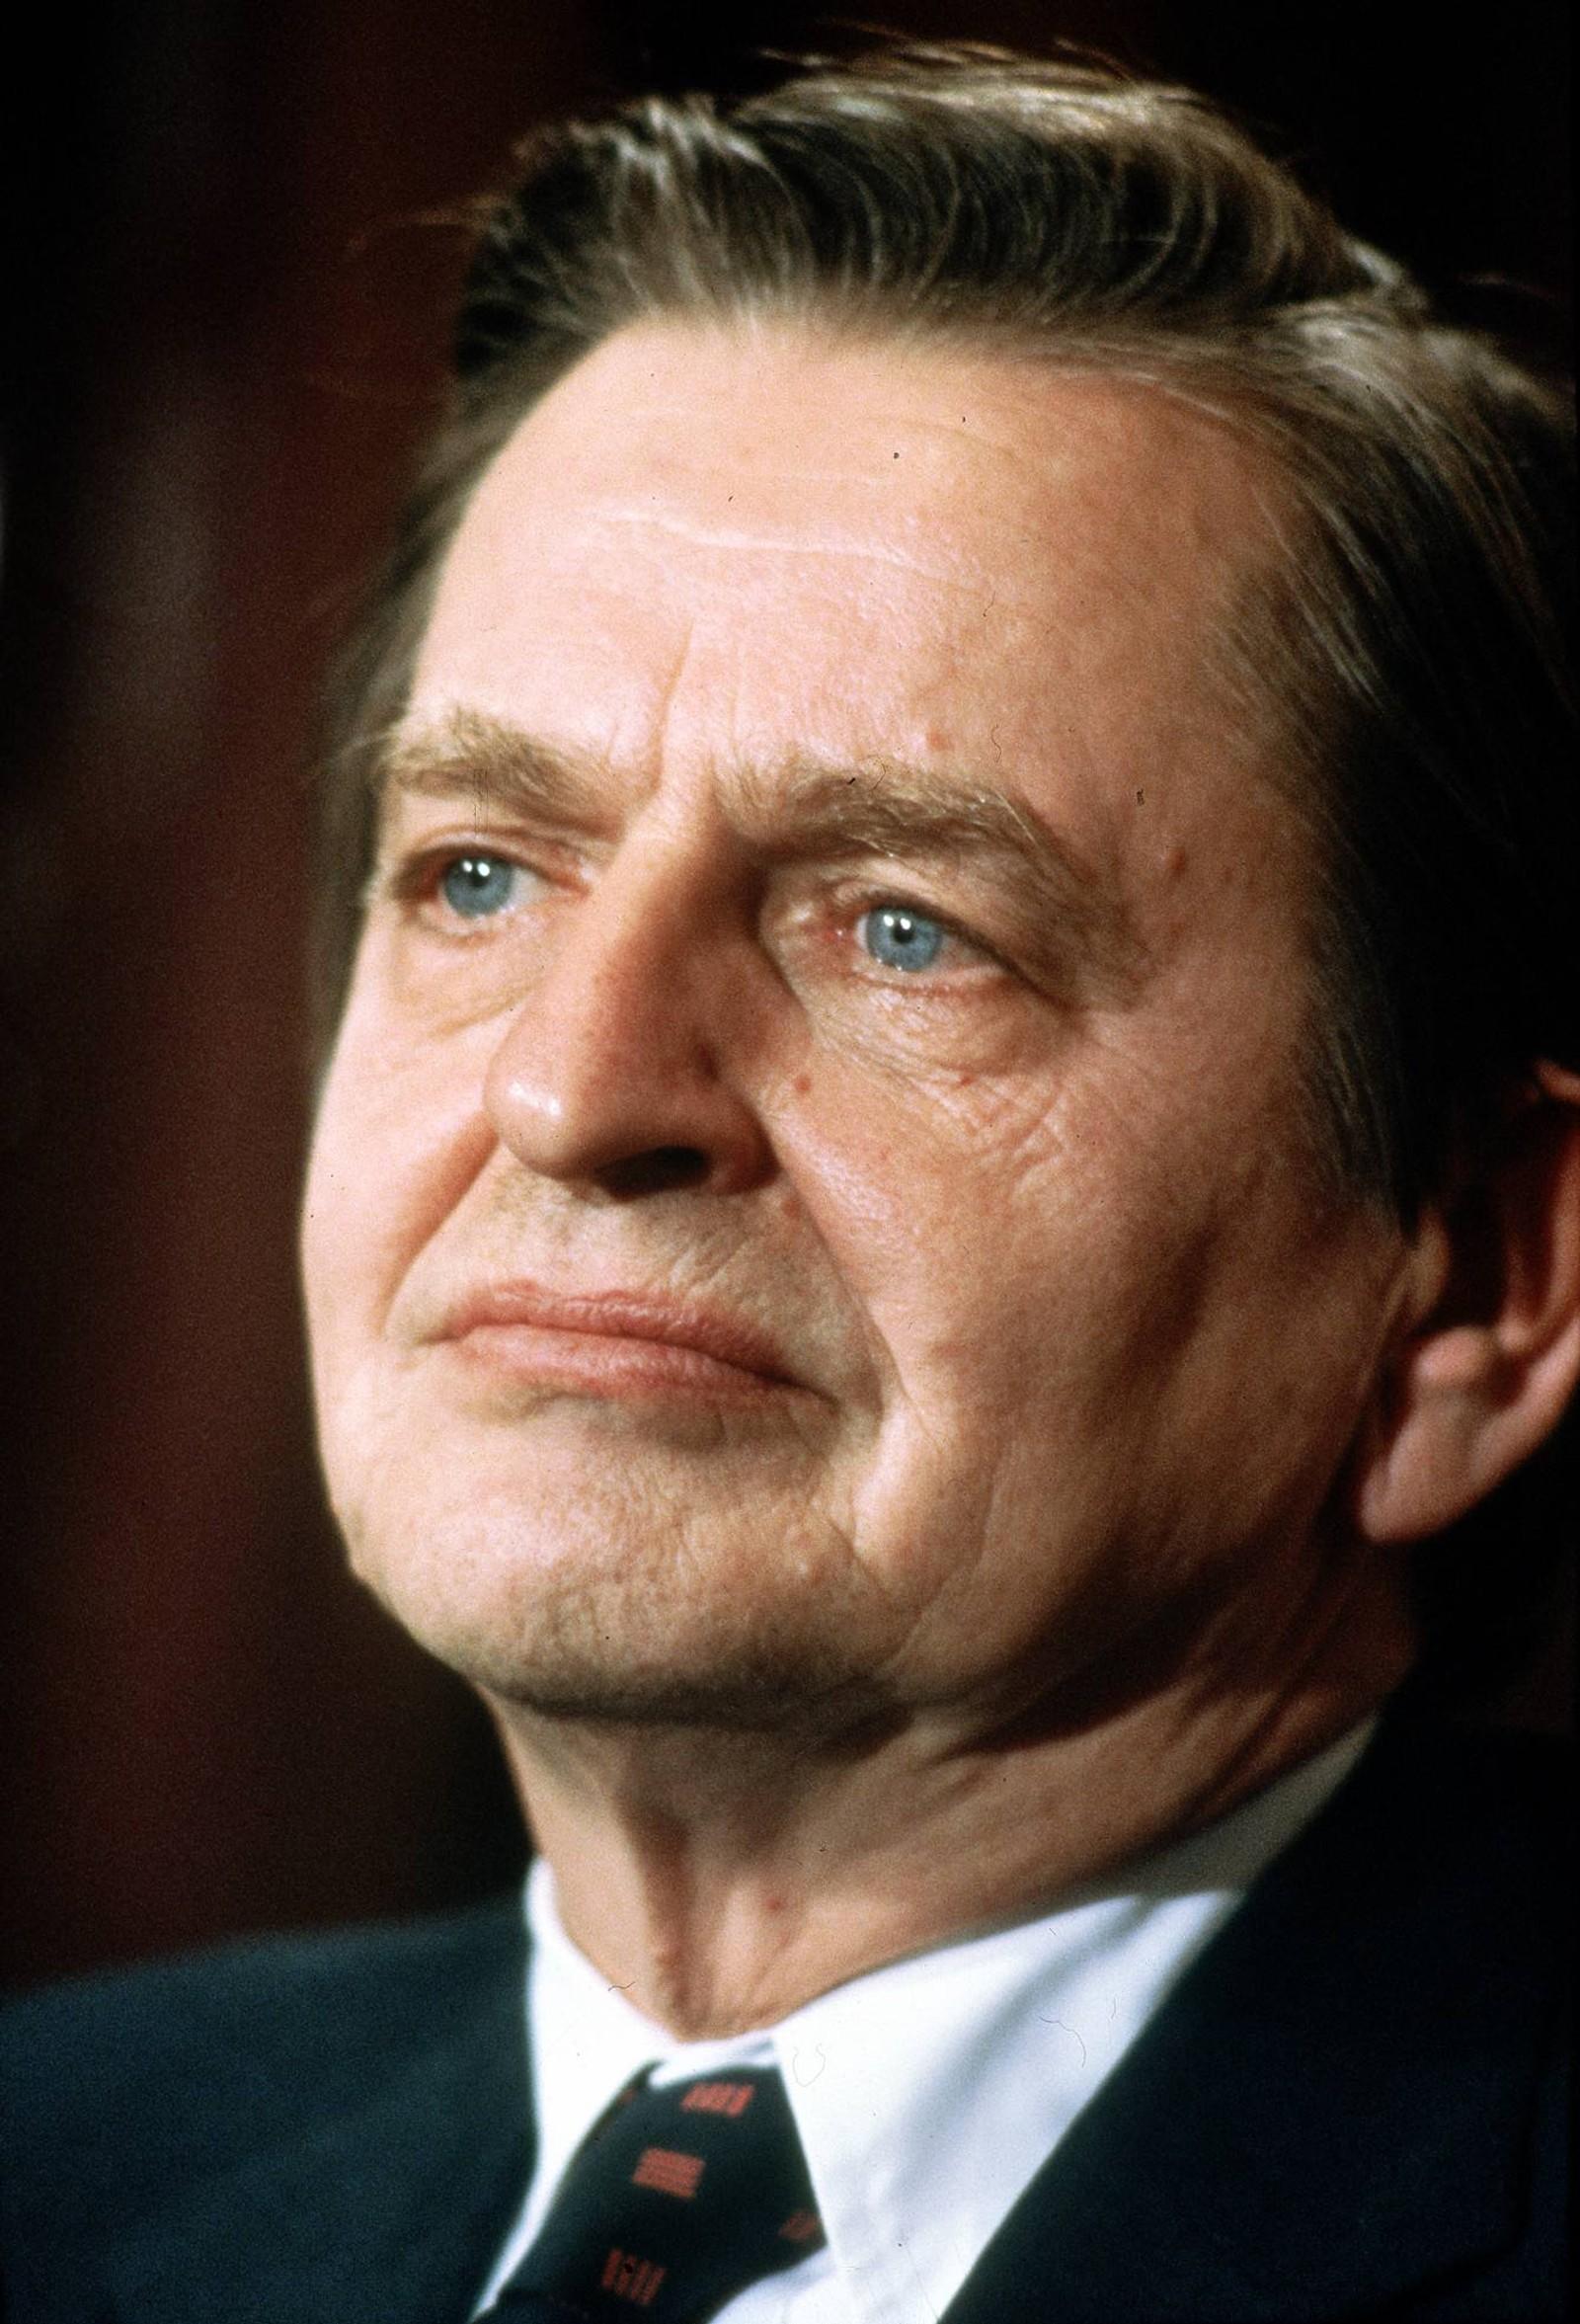 Statsminister Olof Palme avbildet under et besøk i Norge i 1983.